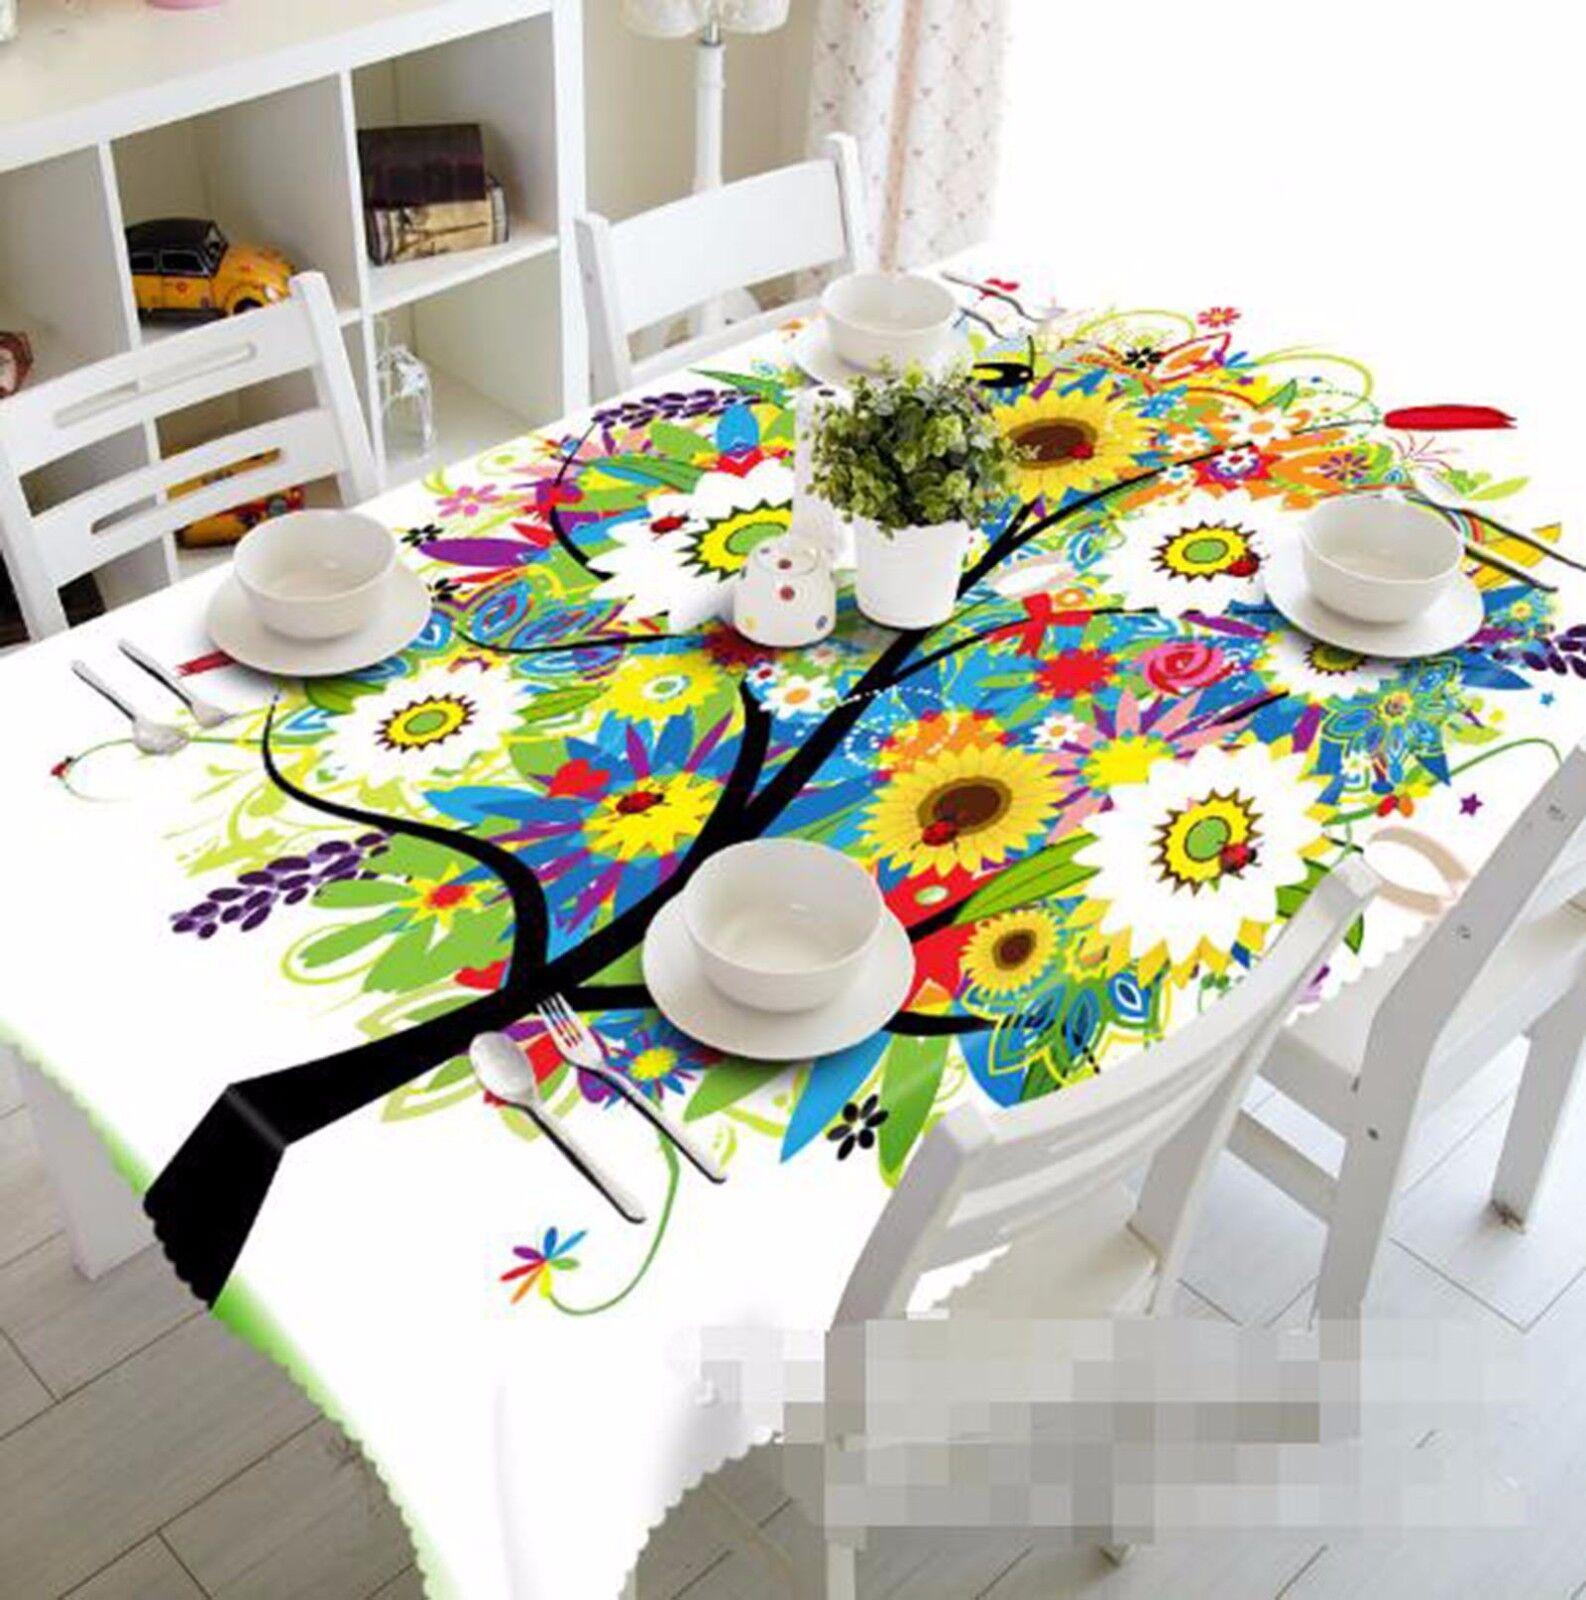 3D voitureIchatURE 49 Nappe Table Cover Cloth fête d'anniversaire AJ papier peint Royaume-Uni Citron